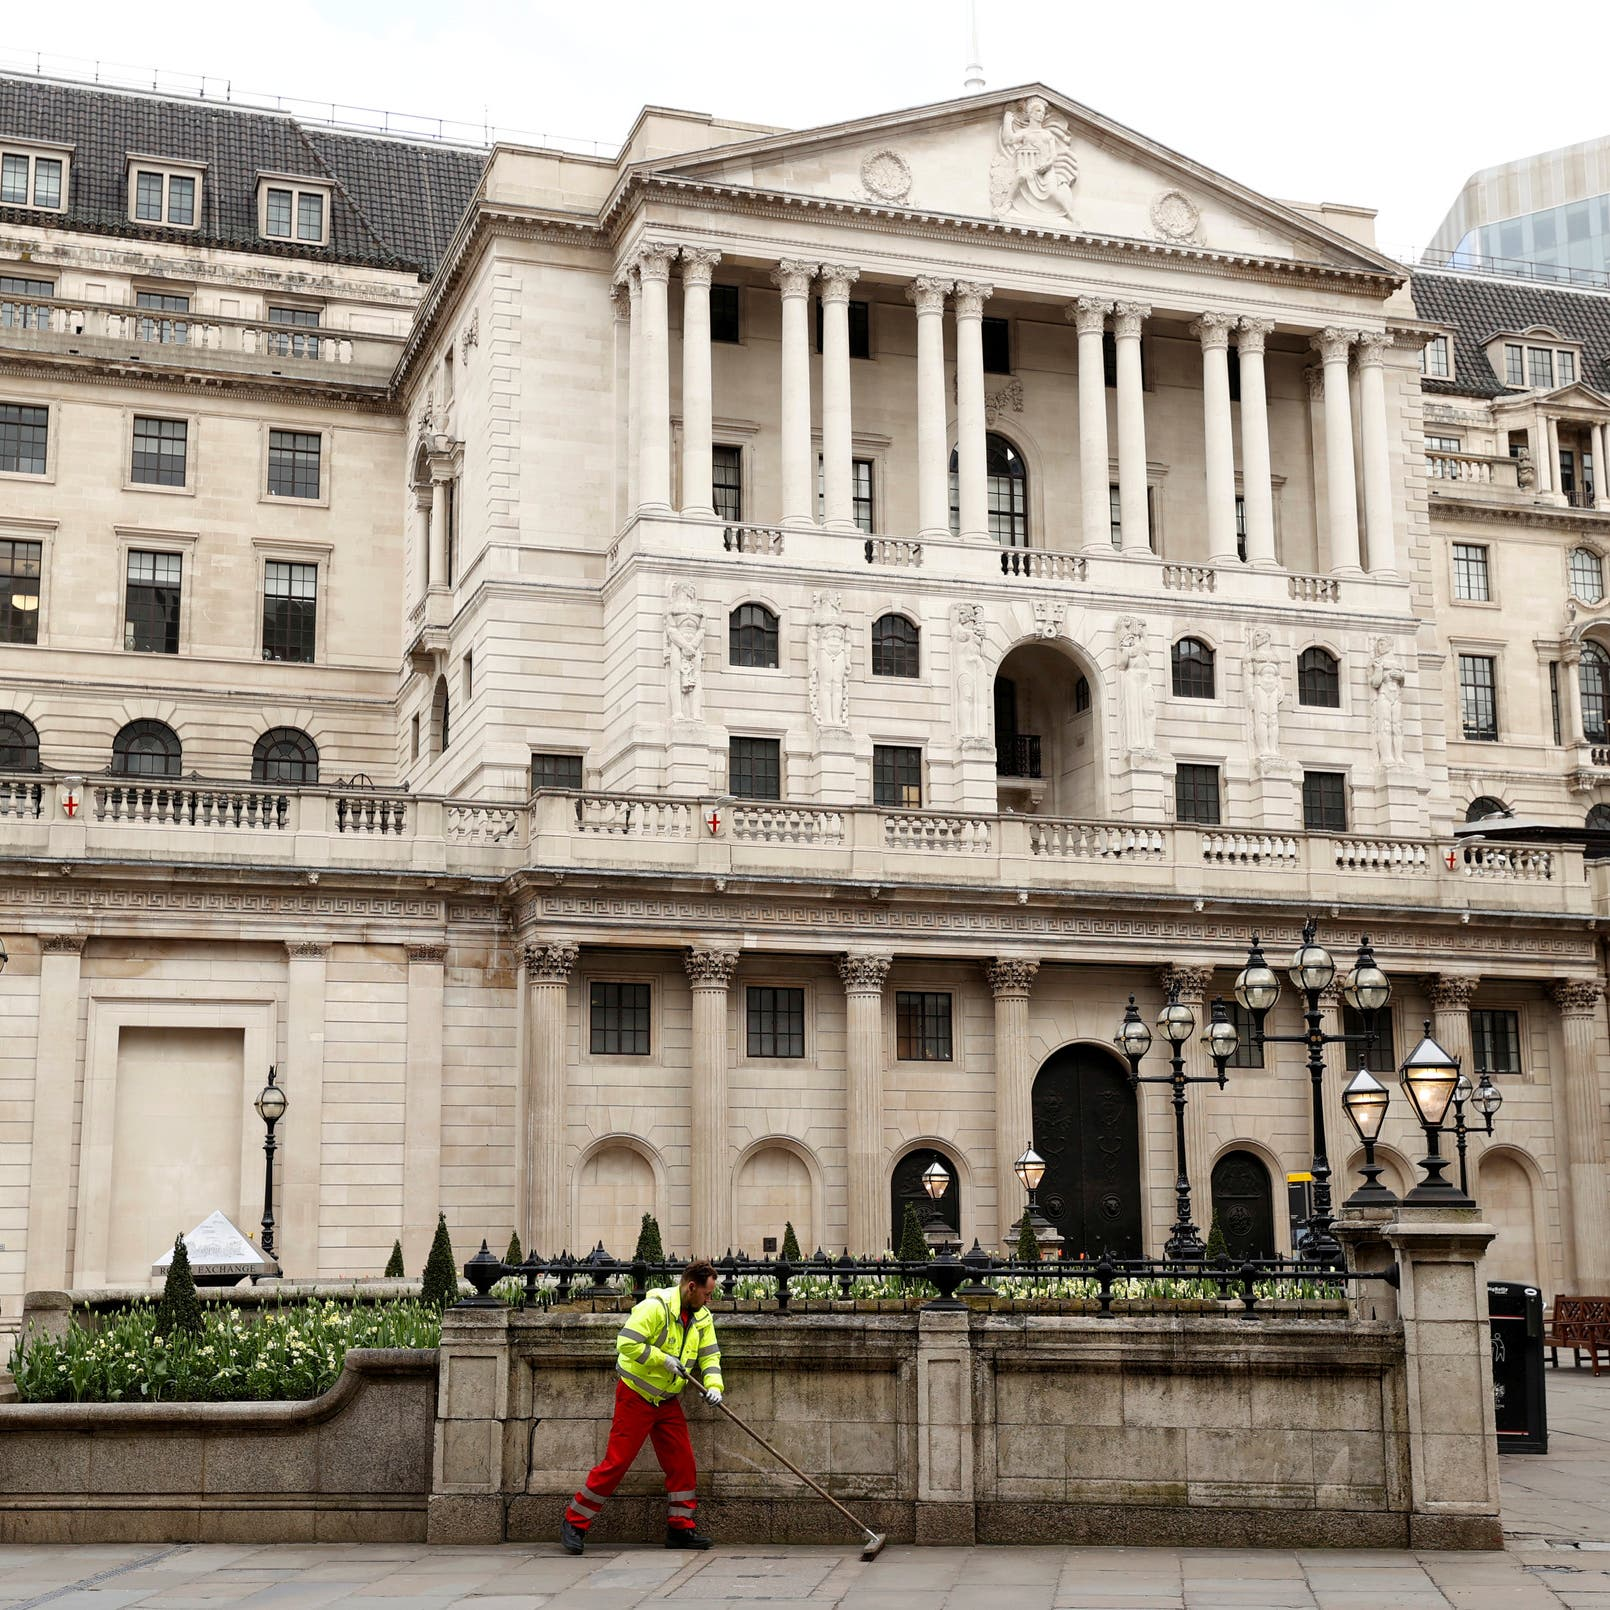 هل يواصل الجنيه الإسترليني الارتفاع مع زيادة أسعار الفائدة الوشيكة؟